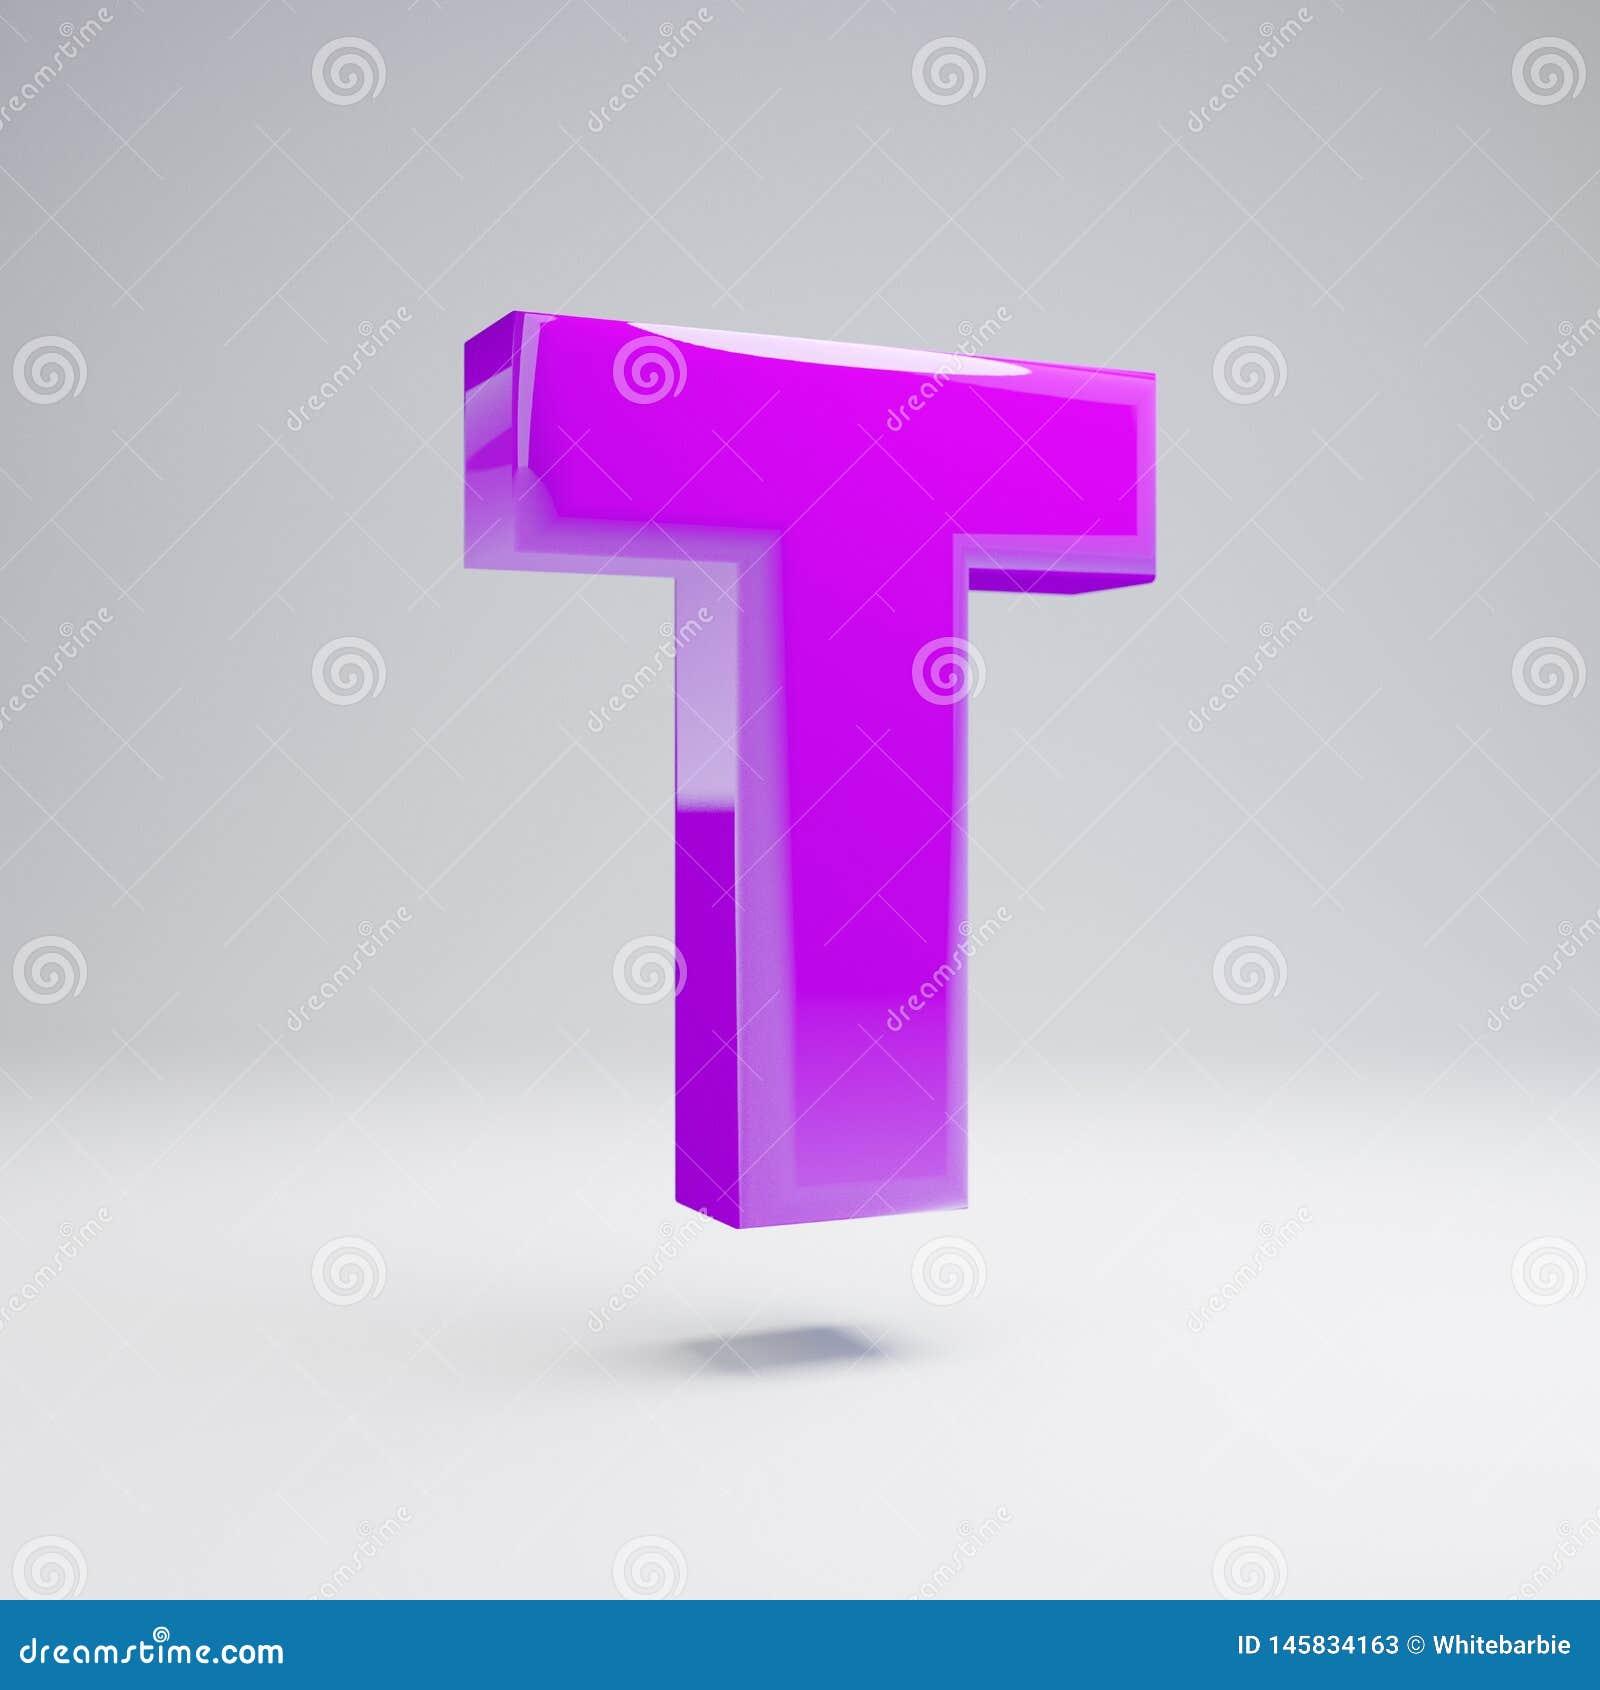 Volymetrisk glansig violett stora bokstavsbokstav T som isoleras på vit bakgrund